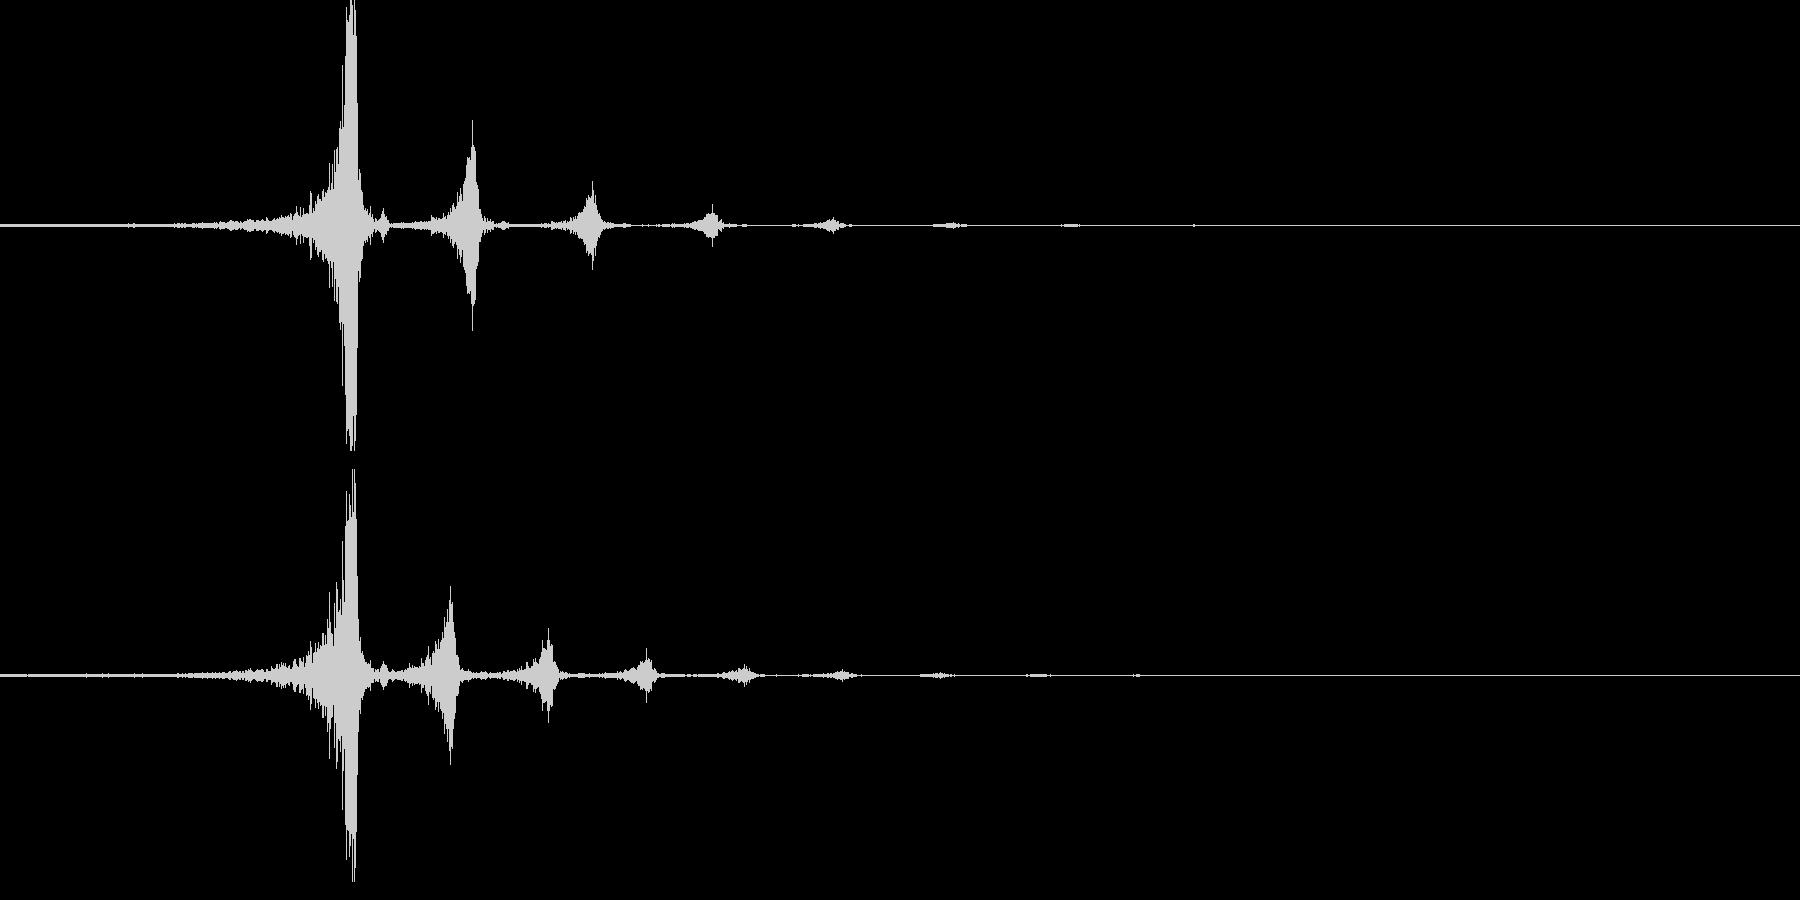 ワンショットリバース音02の未再生の波形